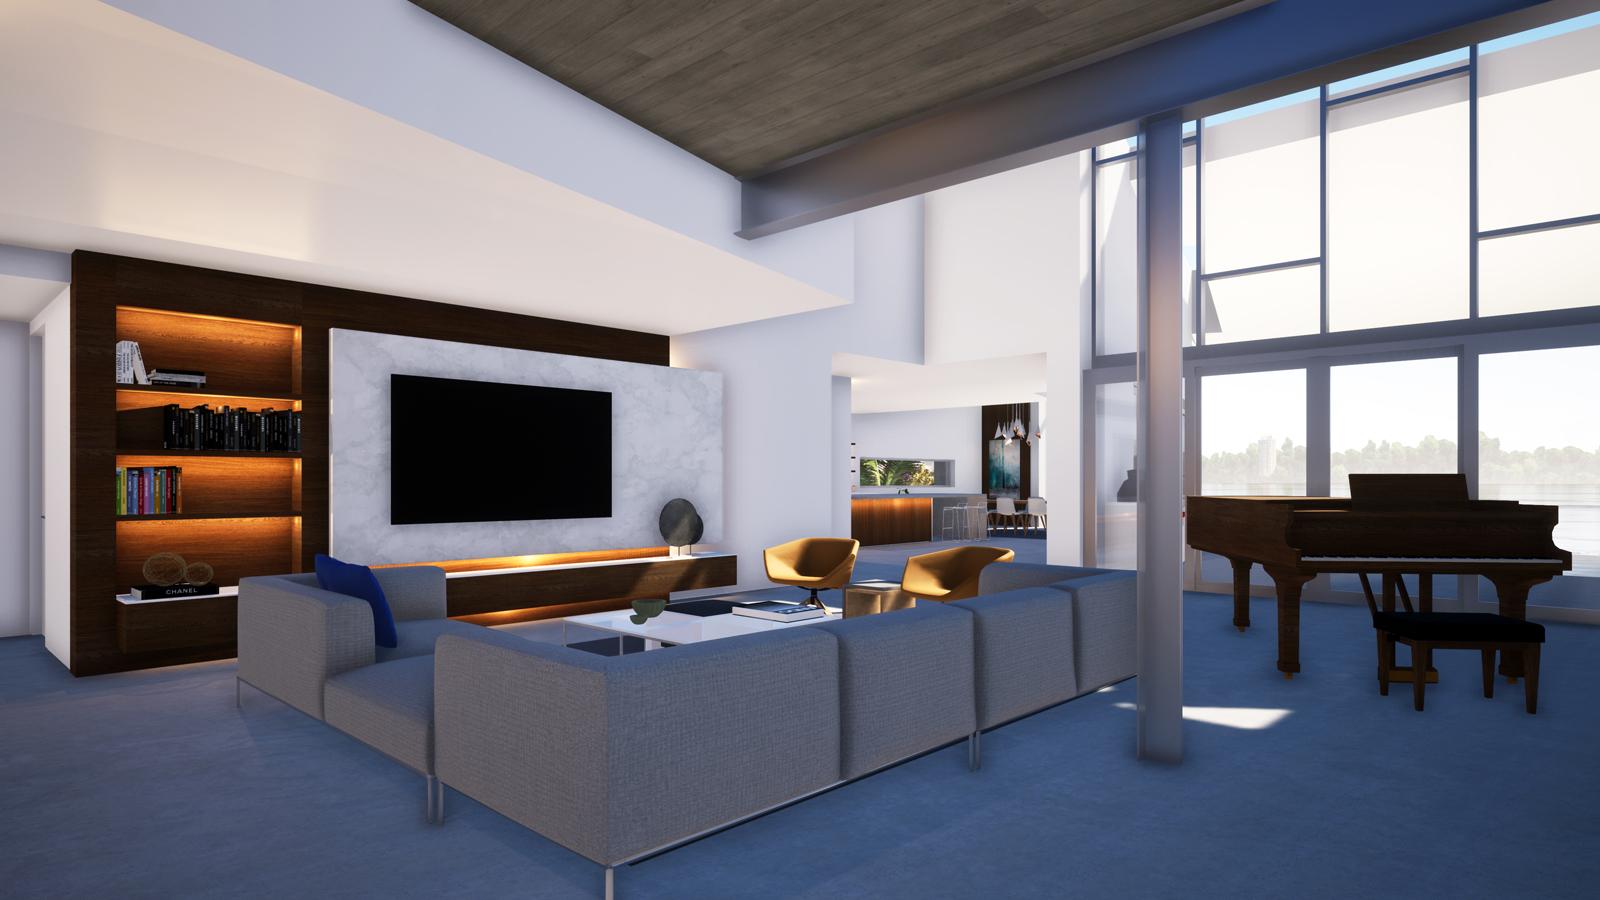 Palimpsest_House_Living_Room_01.jpg